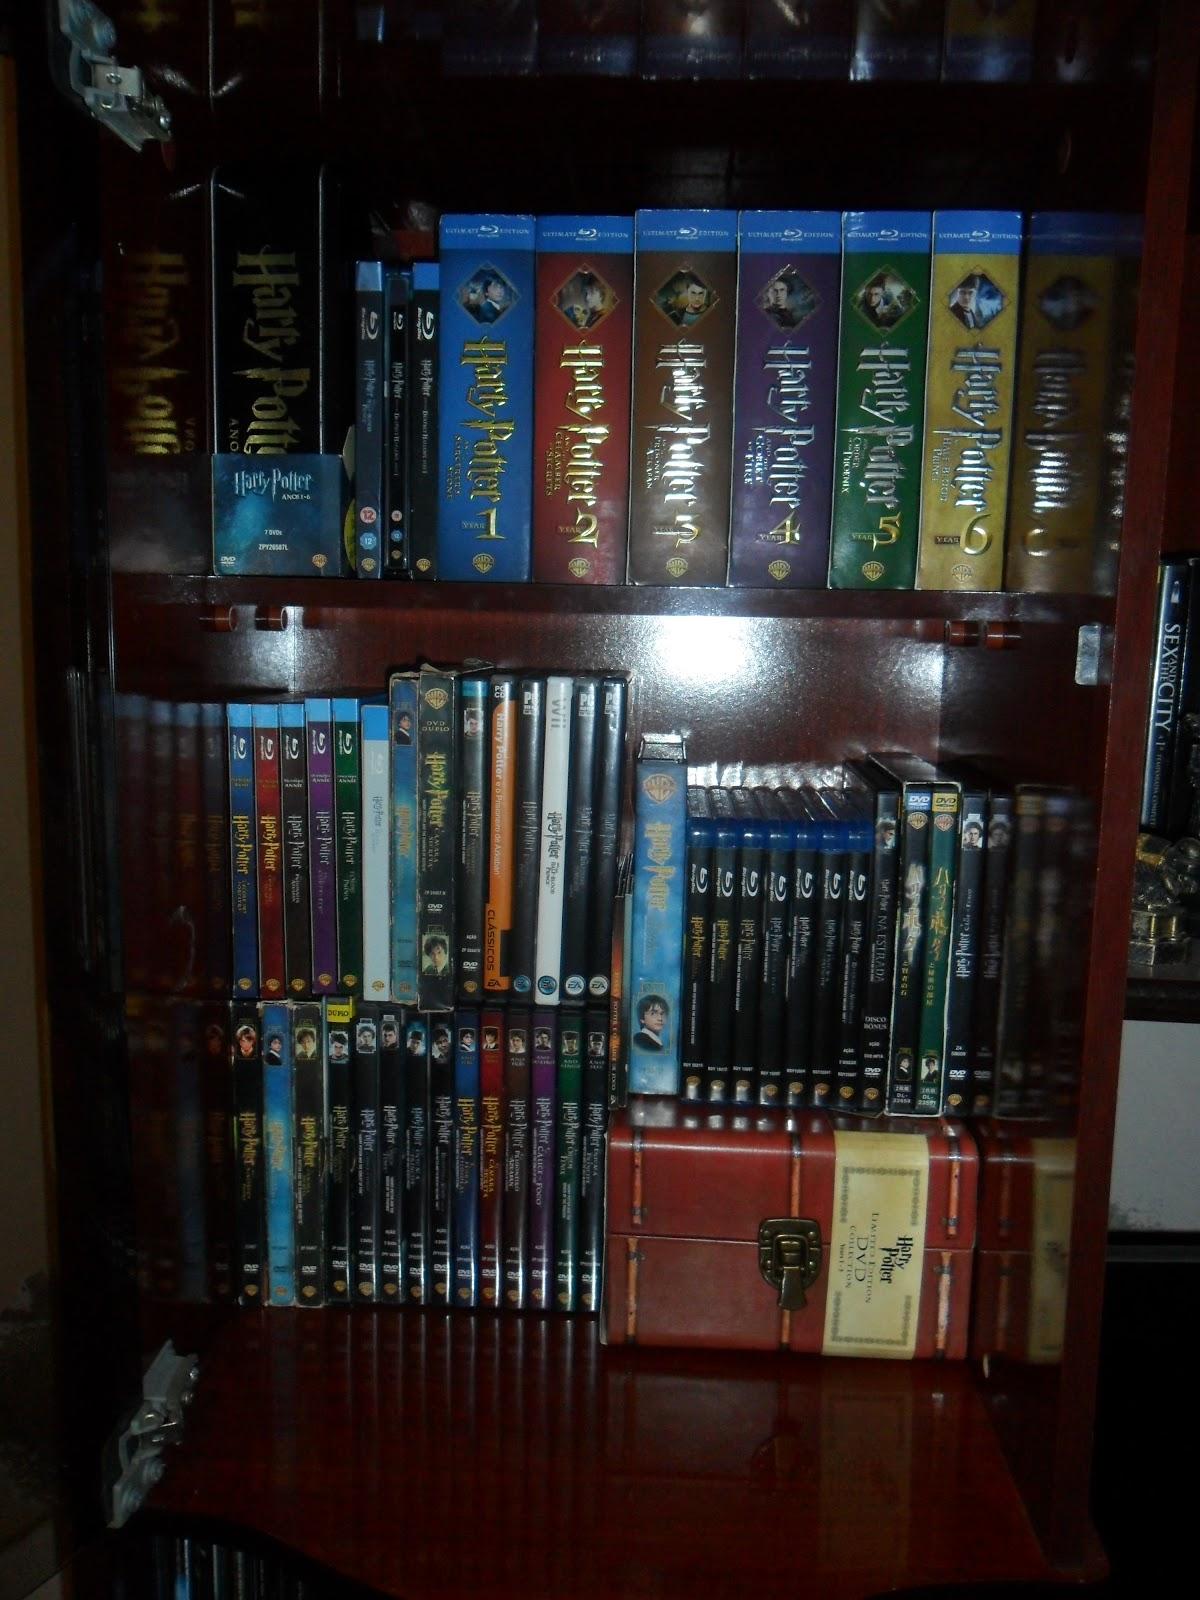 http://1.bp.blogspot.com/-8DWX1nweqkI/Tj7m4I0JpJI/AAAAAAAABVY/QildHROtJt4/s1600/Harry+Potter+DVD+Blu-Ray+Collection.jpg